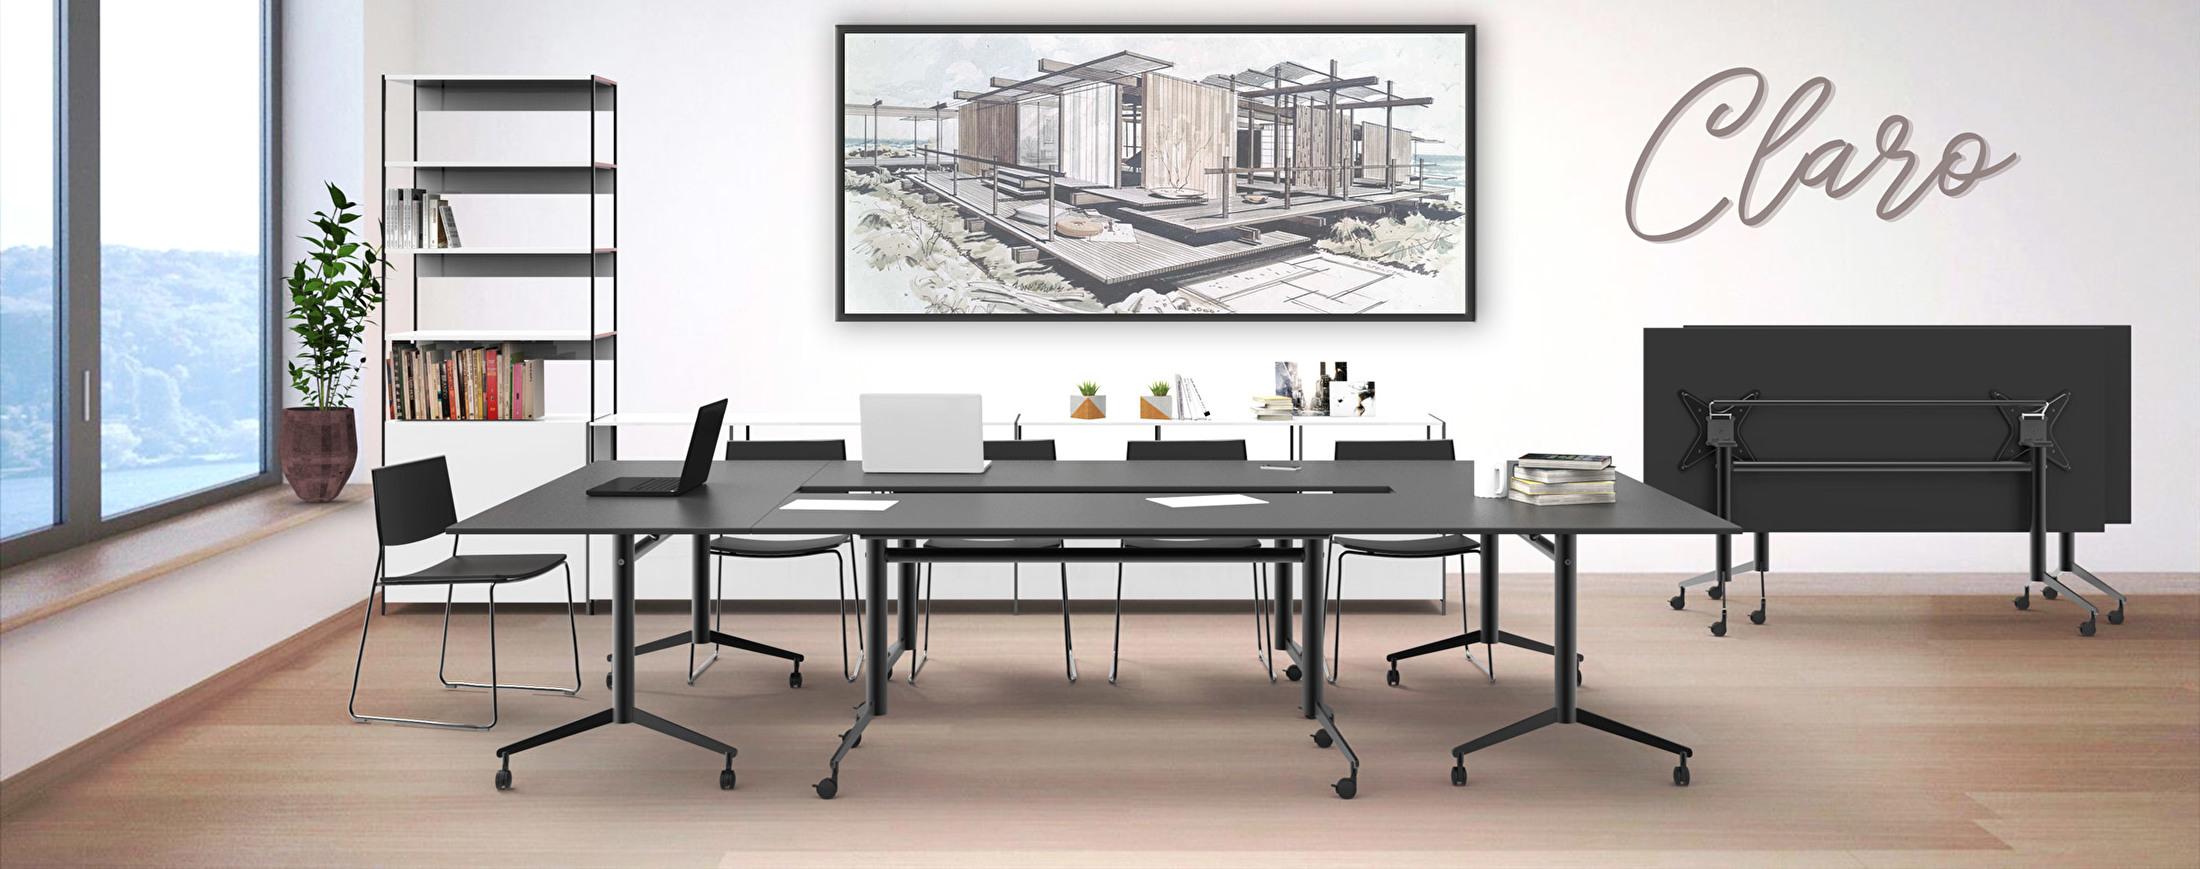 Een stijlvolle klaptafel voor elk multifunctionele ruimte